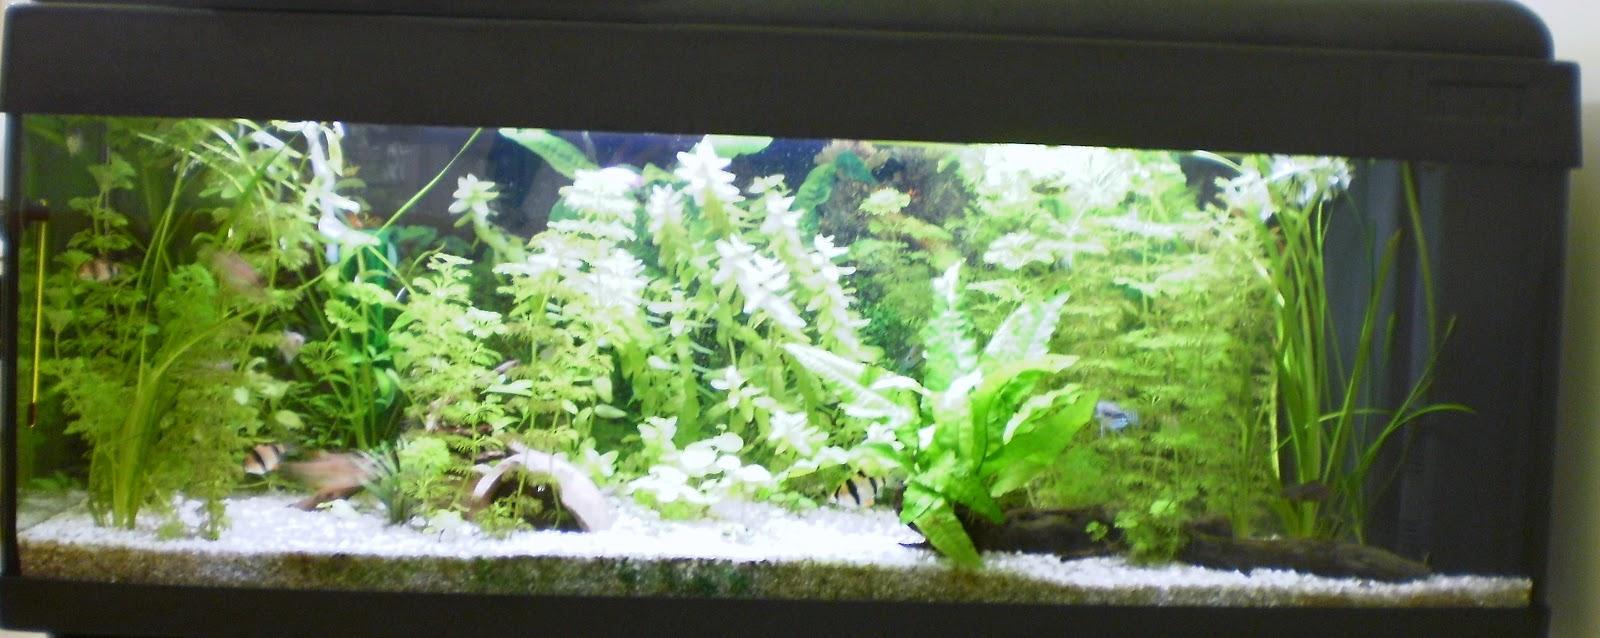 La vetrina arcobaleno acquario attrezzatura necessaria for Fondo per acquario